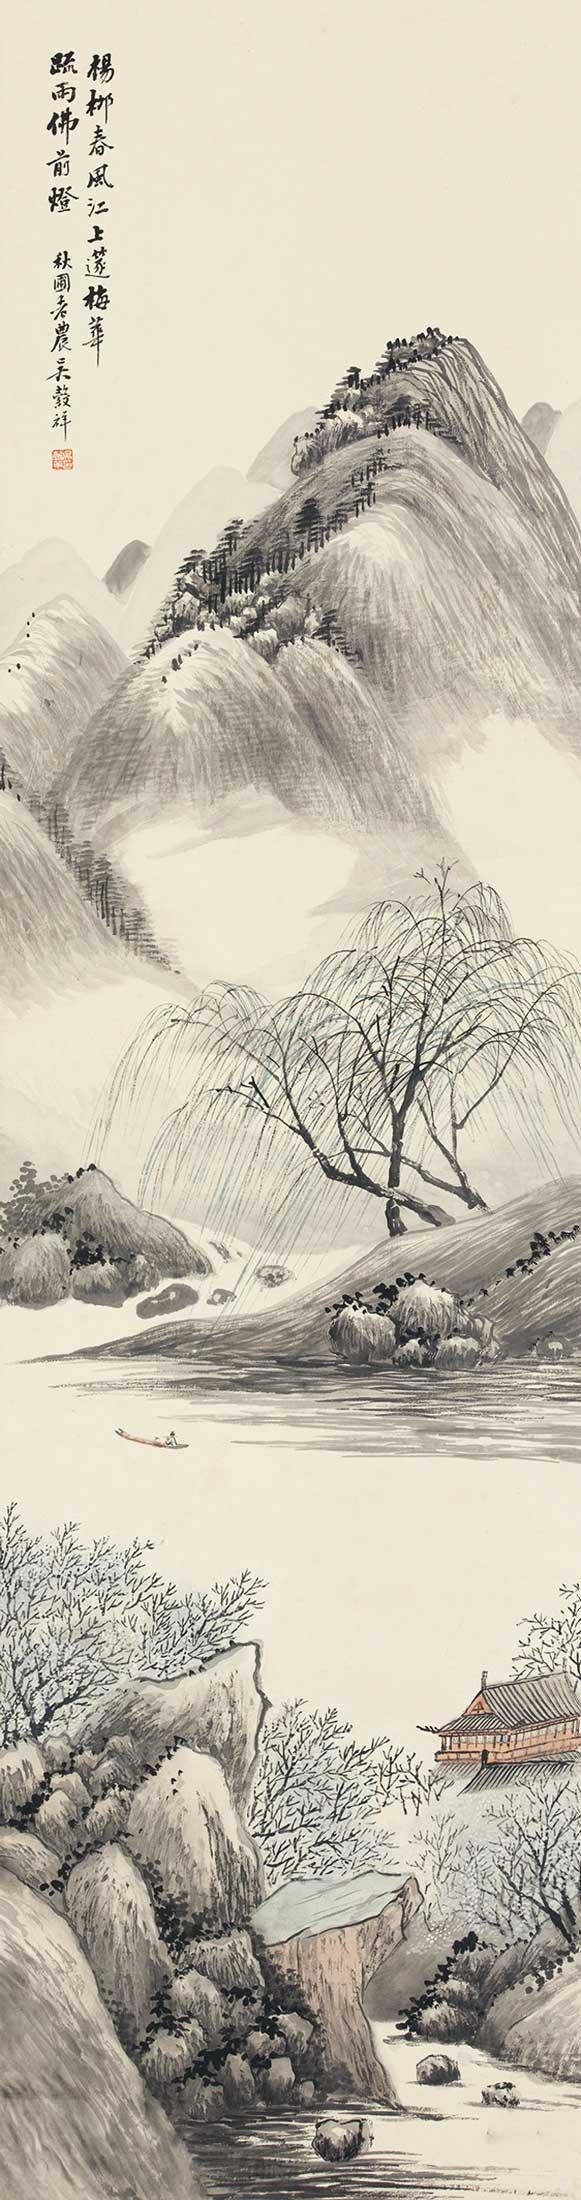 杨柳春风图